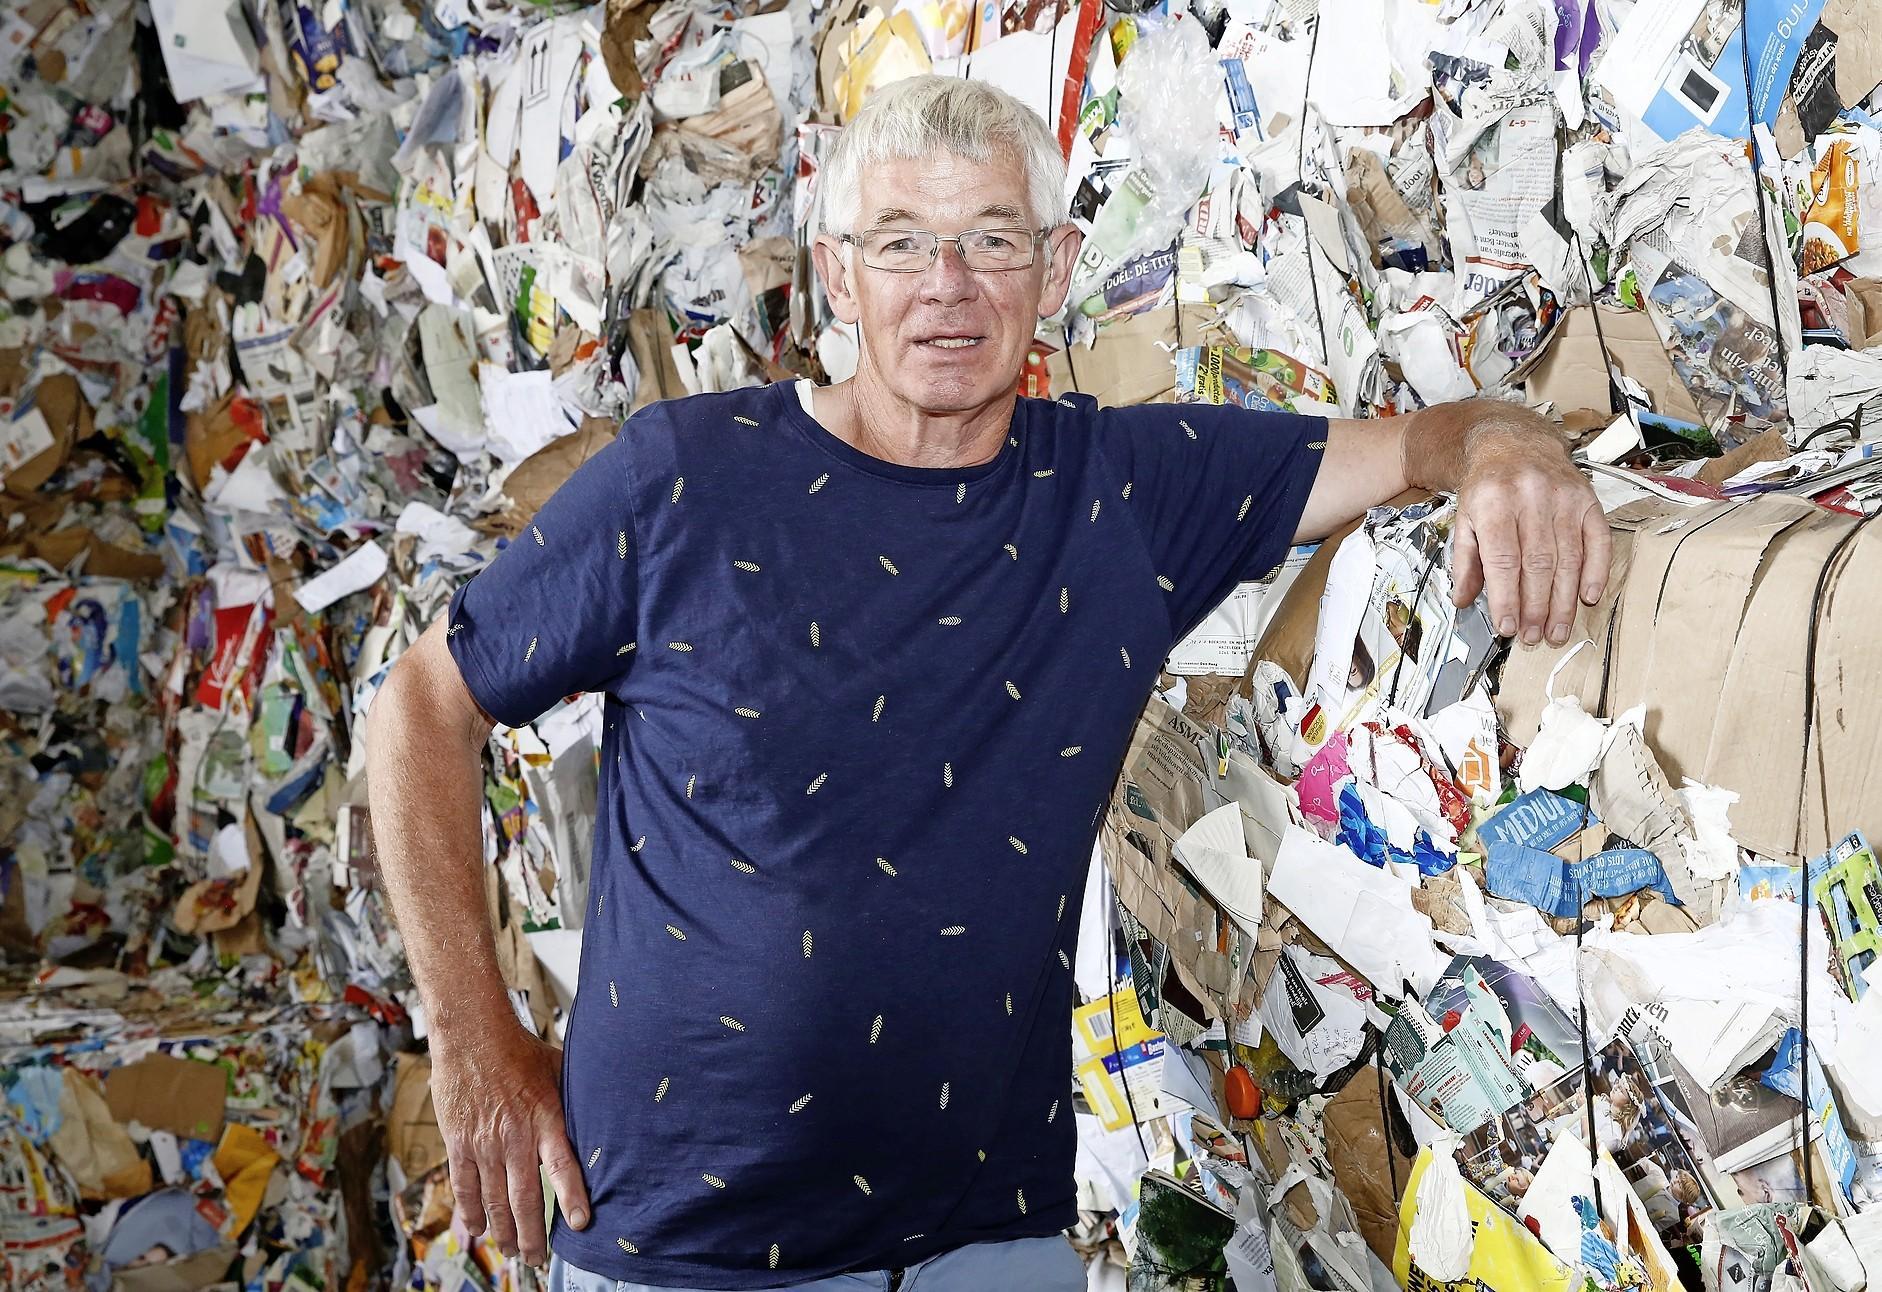 Coördinator Mart Mulder van de papiervrijwilligers van BSV de Zuidvogels in Huizen is boos over de GAD-plannen. 'Je wordt gewoon aan de kant geschoven. Na achttien jaar trouwe dienst'